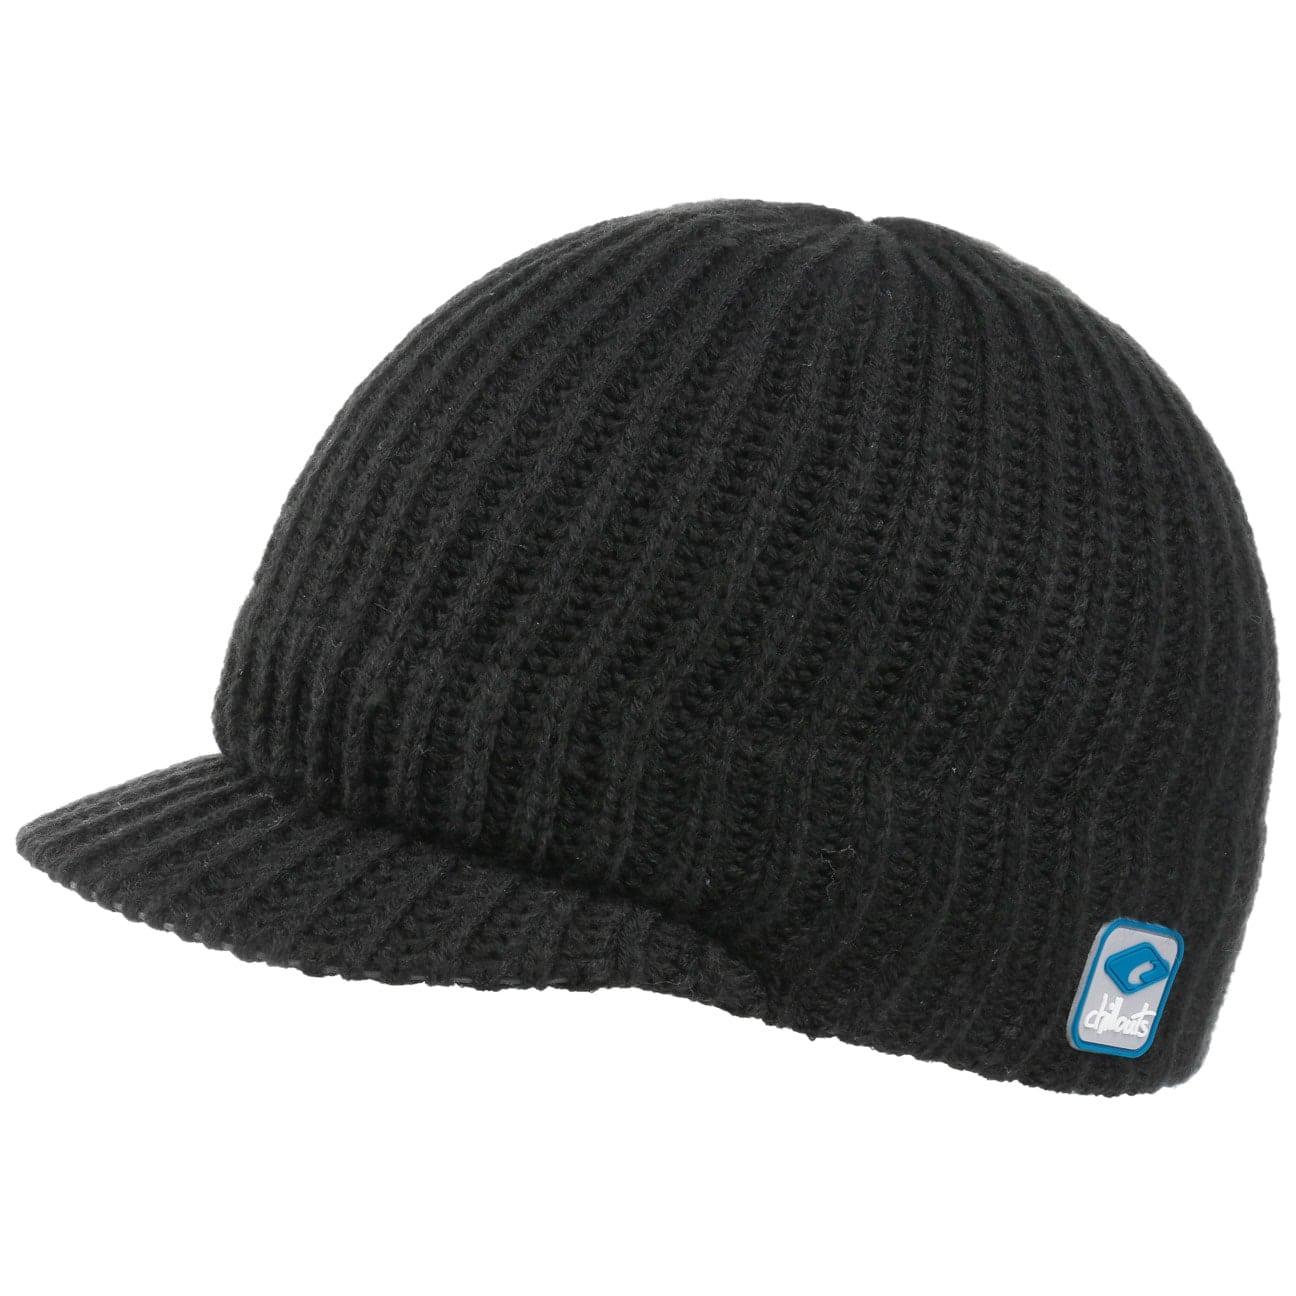 Bonnet pour Enfant Jack Styler by Chillouts  casquette pour l`hiver